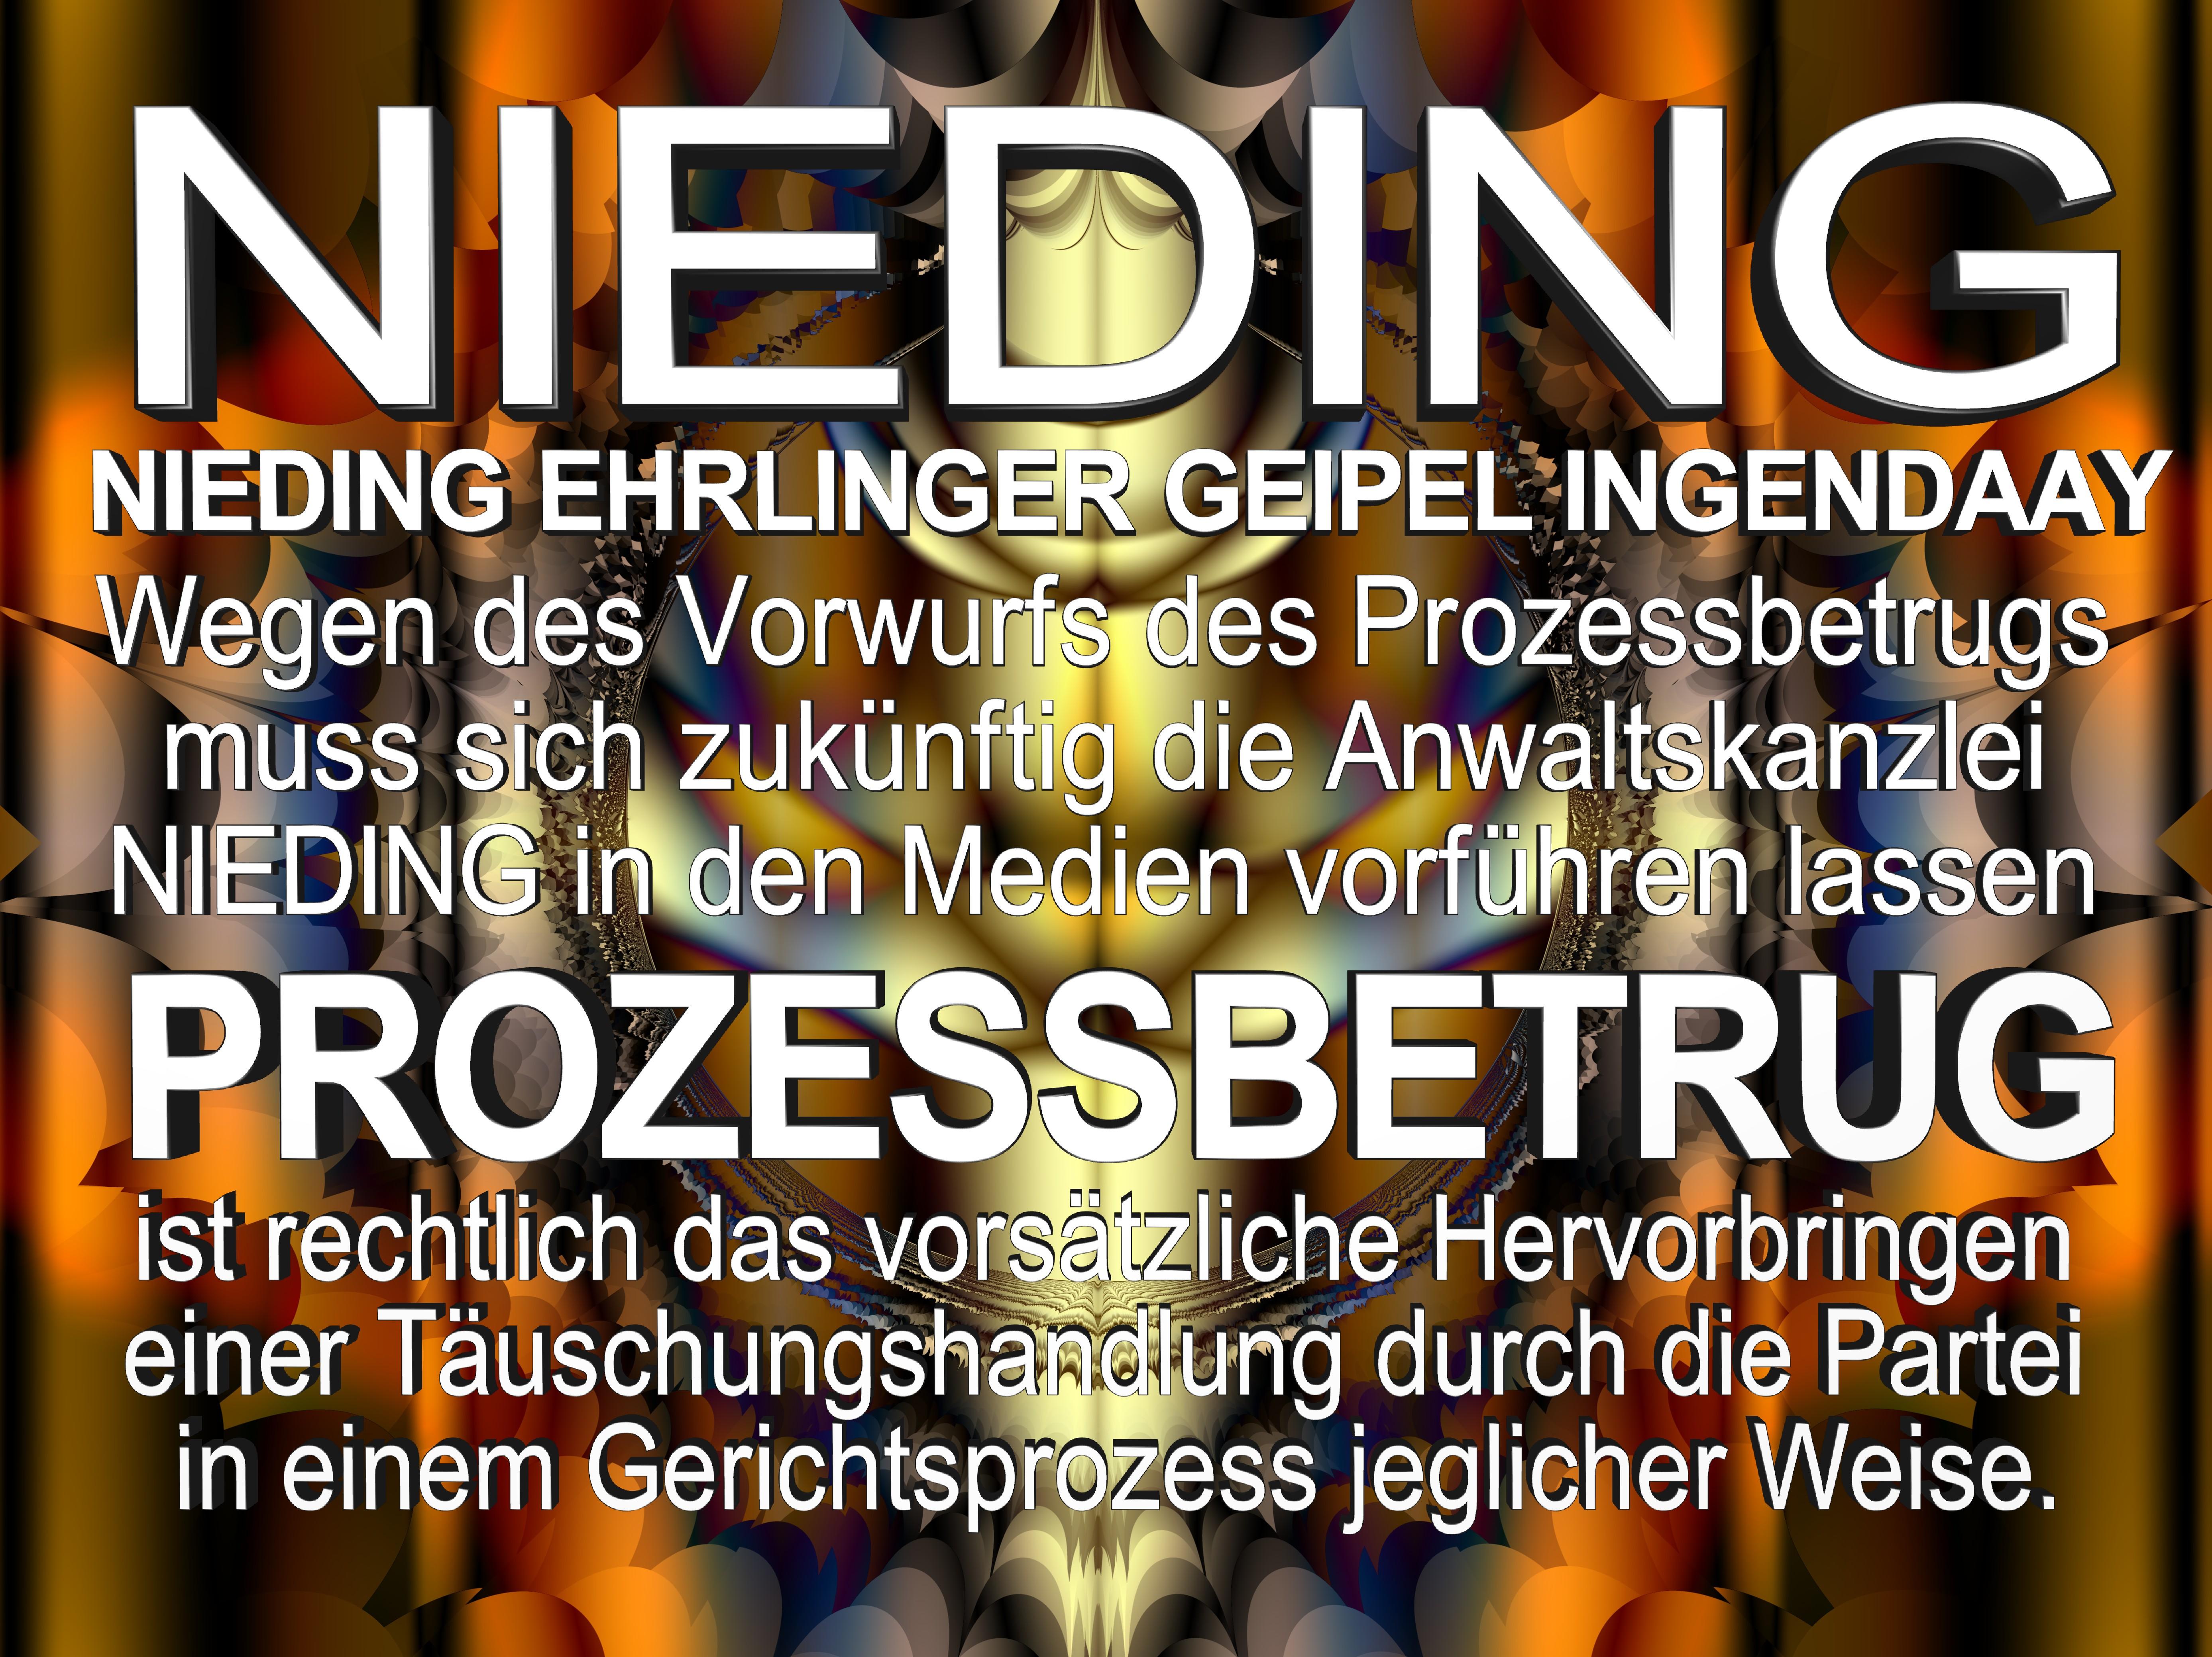 NIEDING EHRLINGER GEIPEL INGENDAAY LELKE Kurfürstendamm 66 Berlin (6)